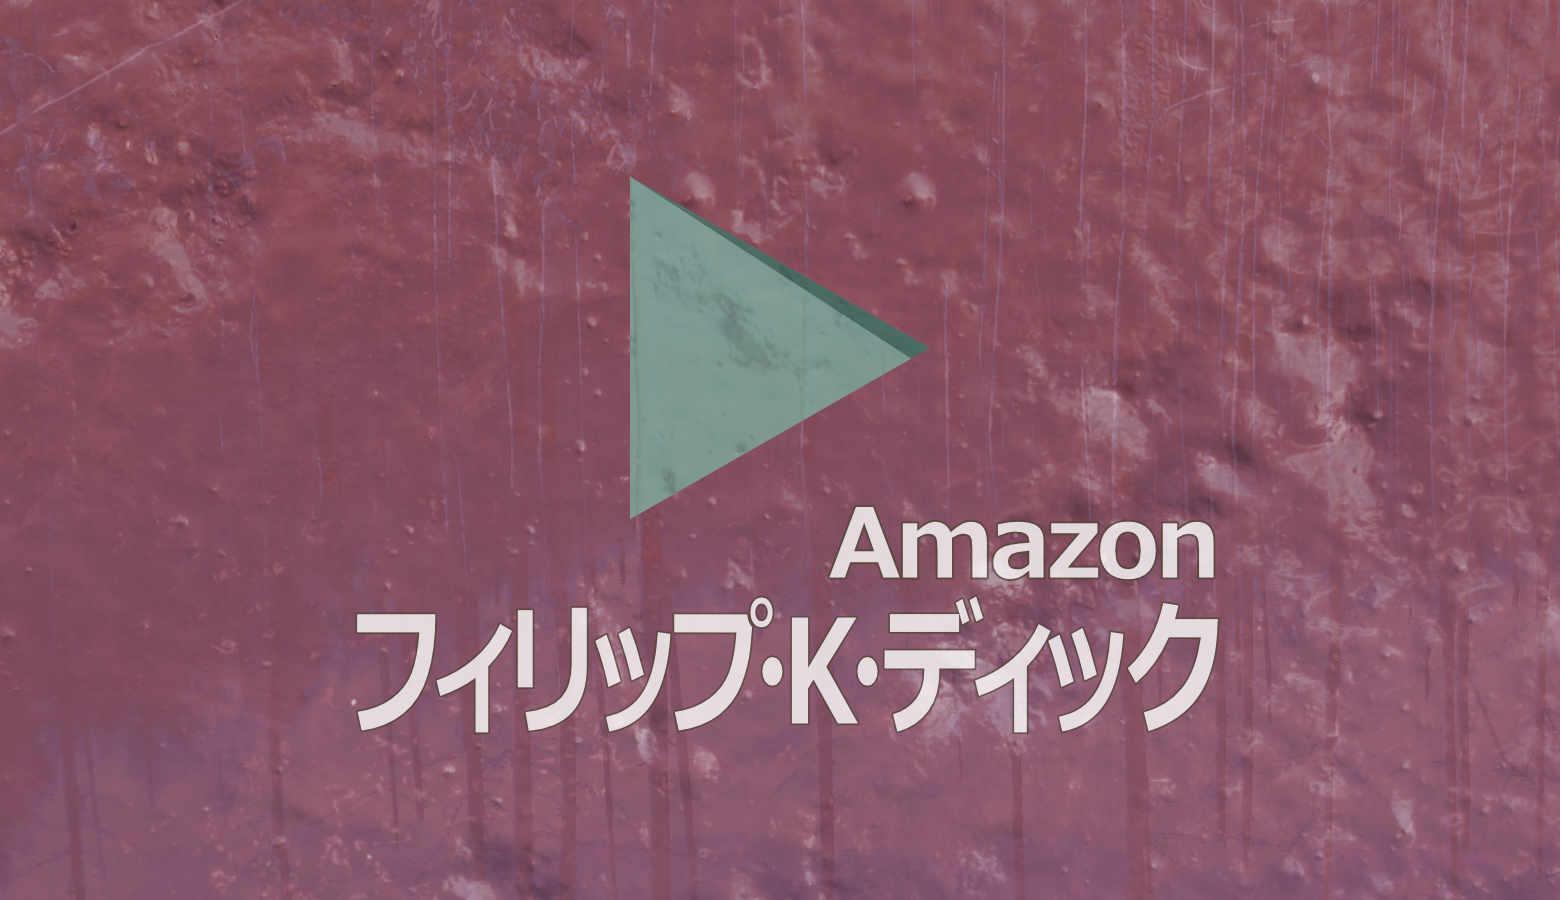 ブレードランナーの原作者P・K・ディックの短編をAmazonが映像化【その7】